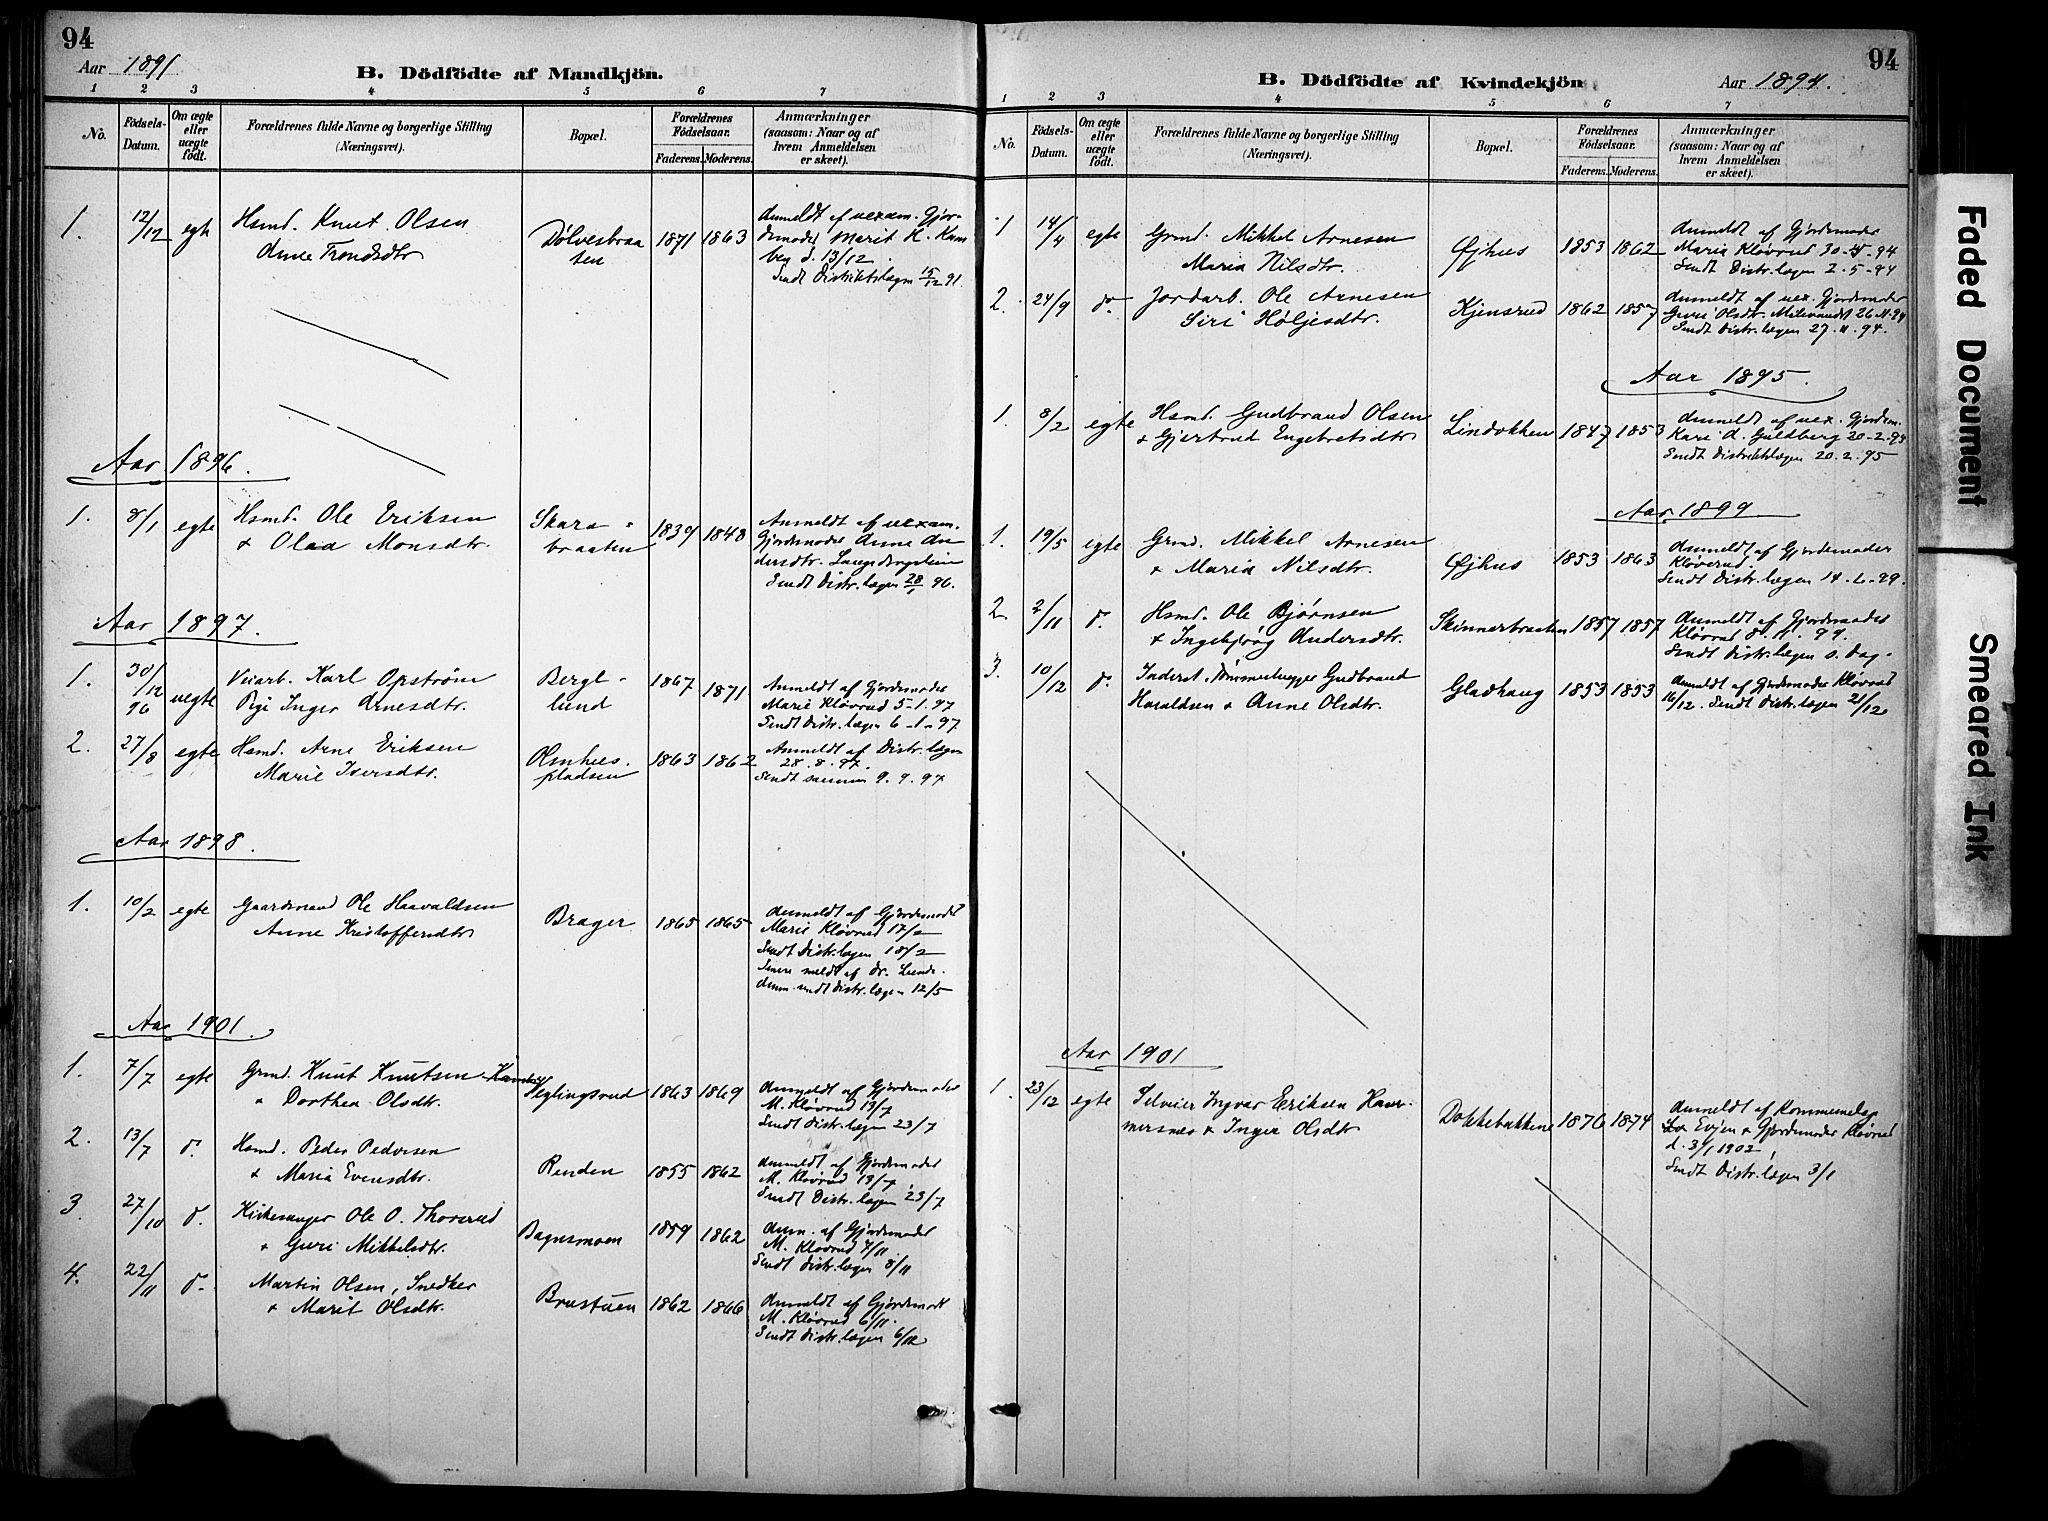 SAH, Sør-Aurdal prestekontor, Ministerialbok nr. 9, 1886-1906, s. 94